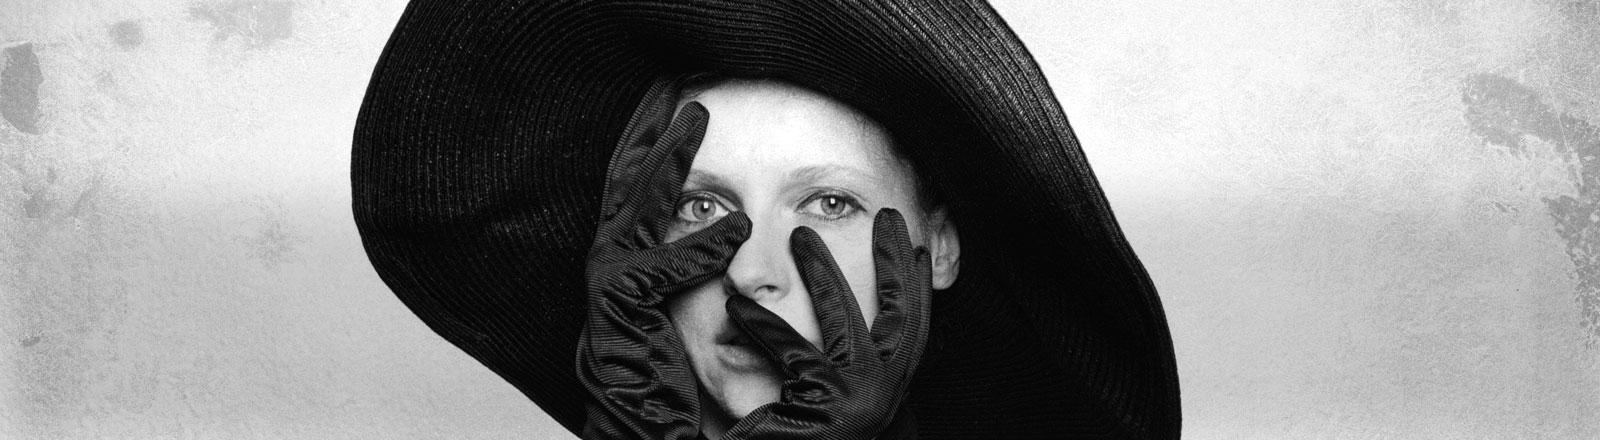 Eine Frau mit einem schwarzen Handschuhen und einem schwarzen Hut.